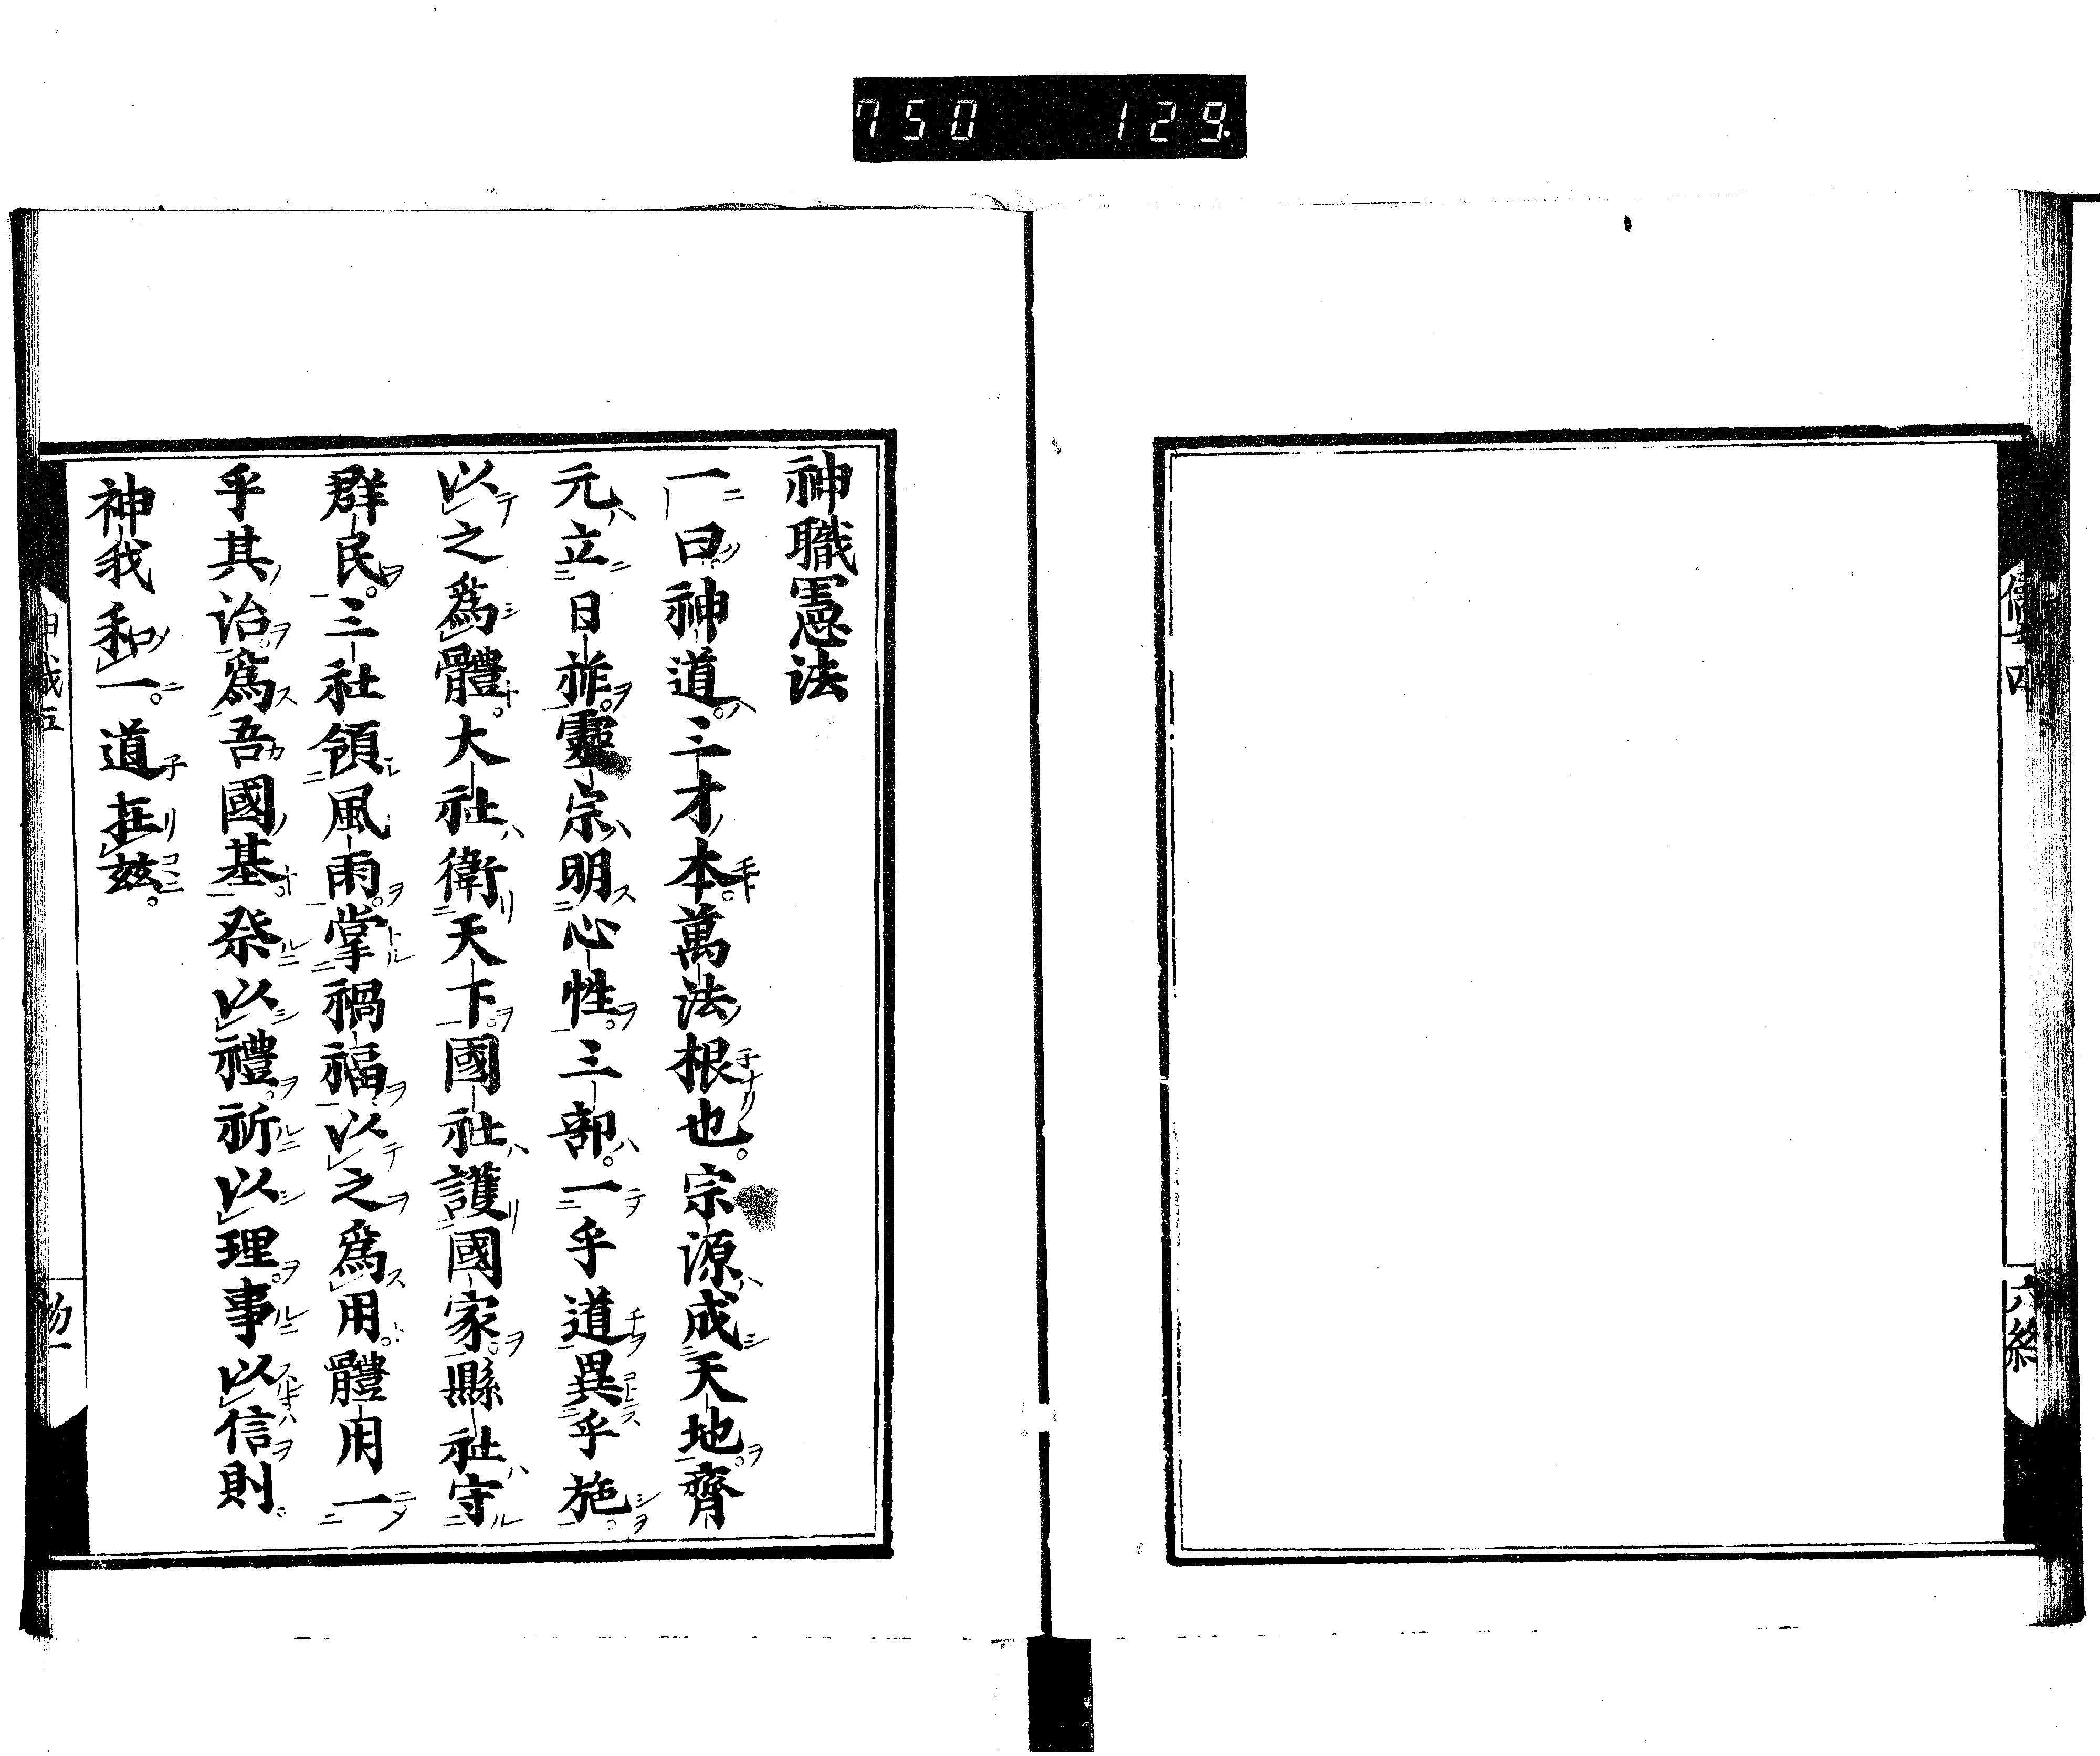 聖徳太子五憲法 神職憲法: 画像...